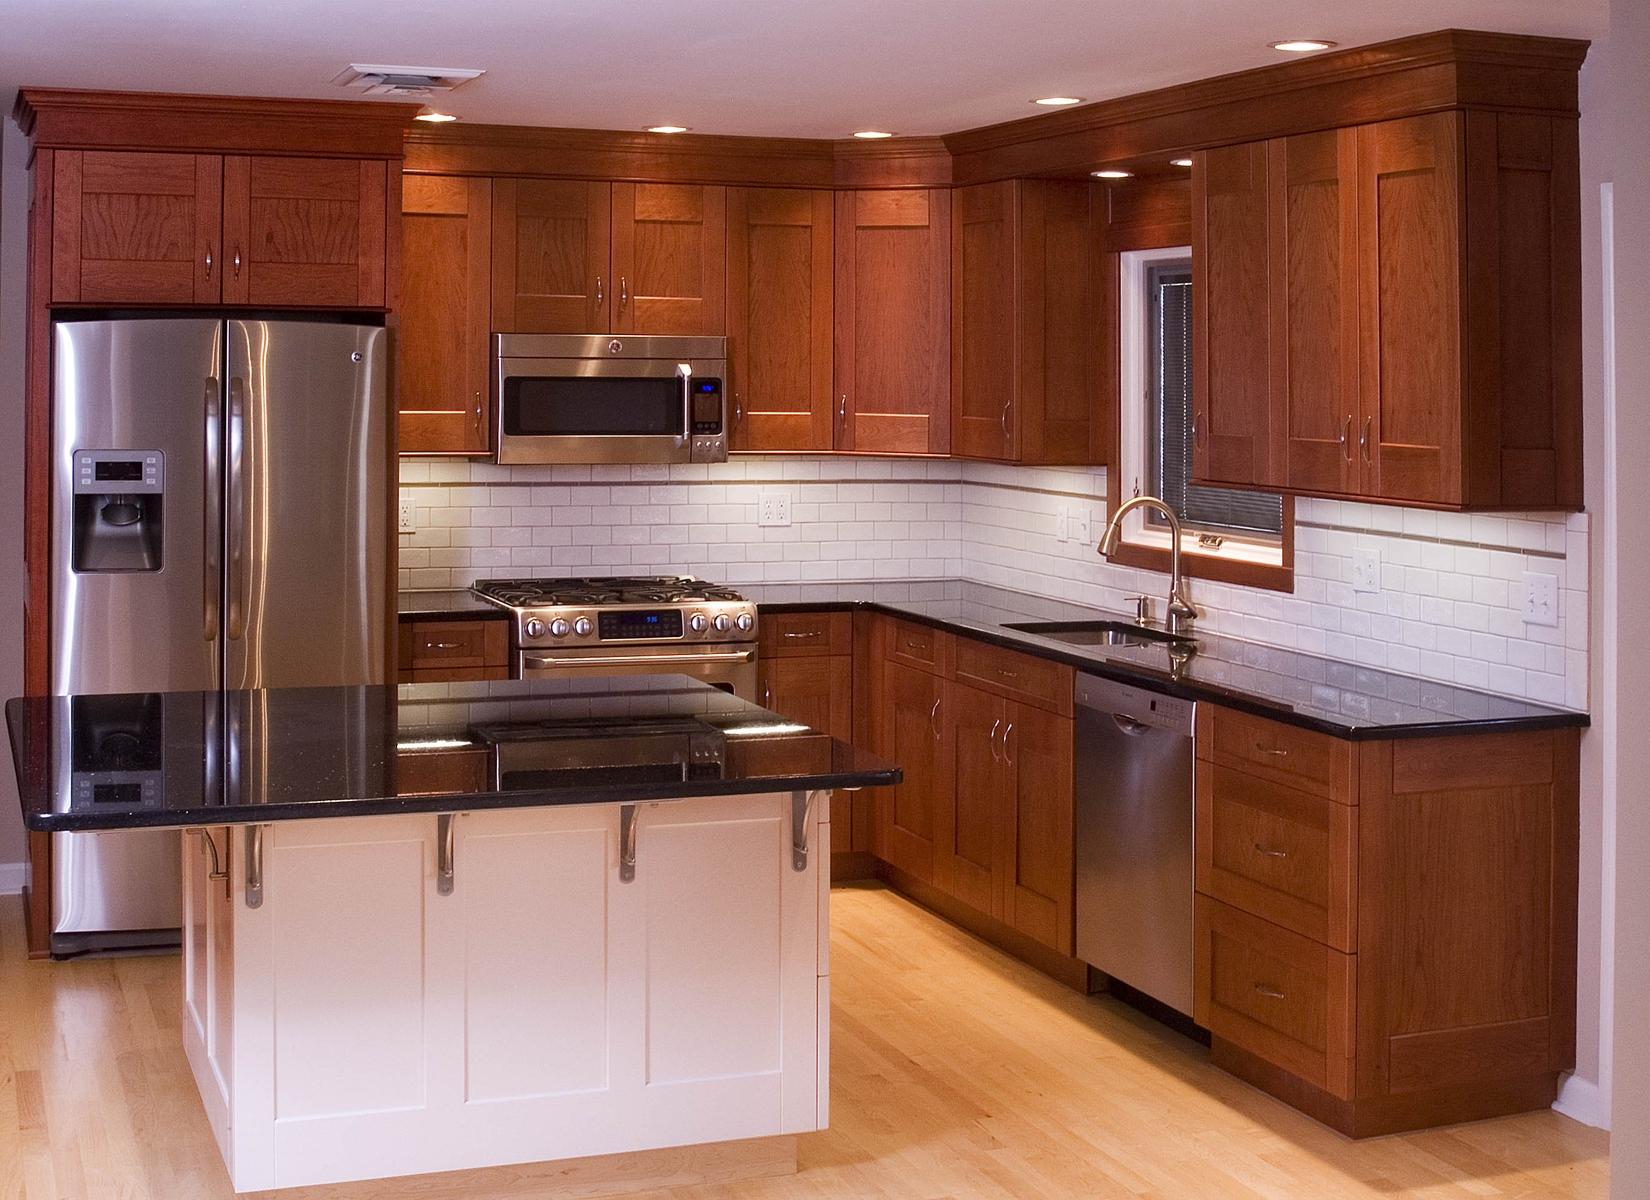 kitchen cabinet handles knobs placement kitchen cabinet beach amazing small kitchen cabinet fittings interior design